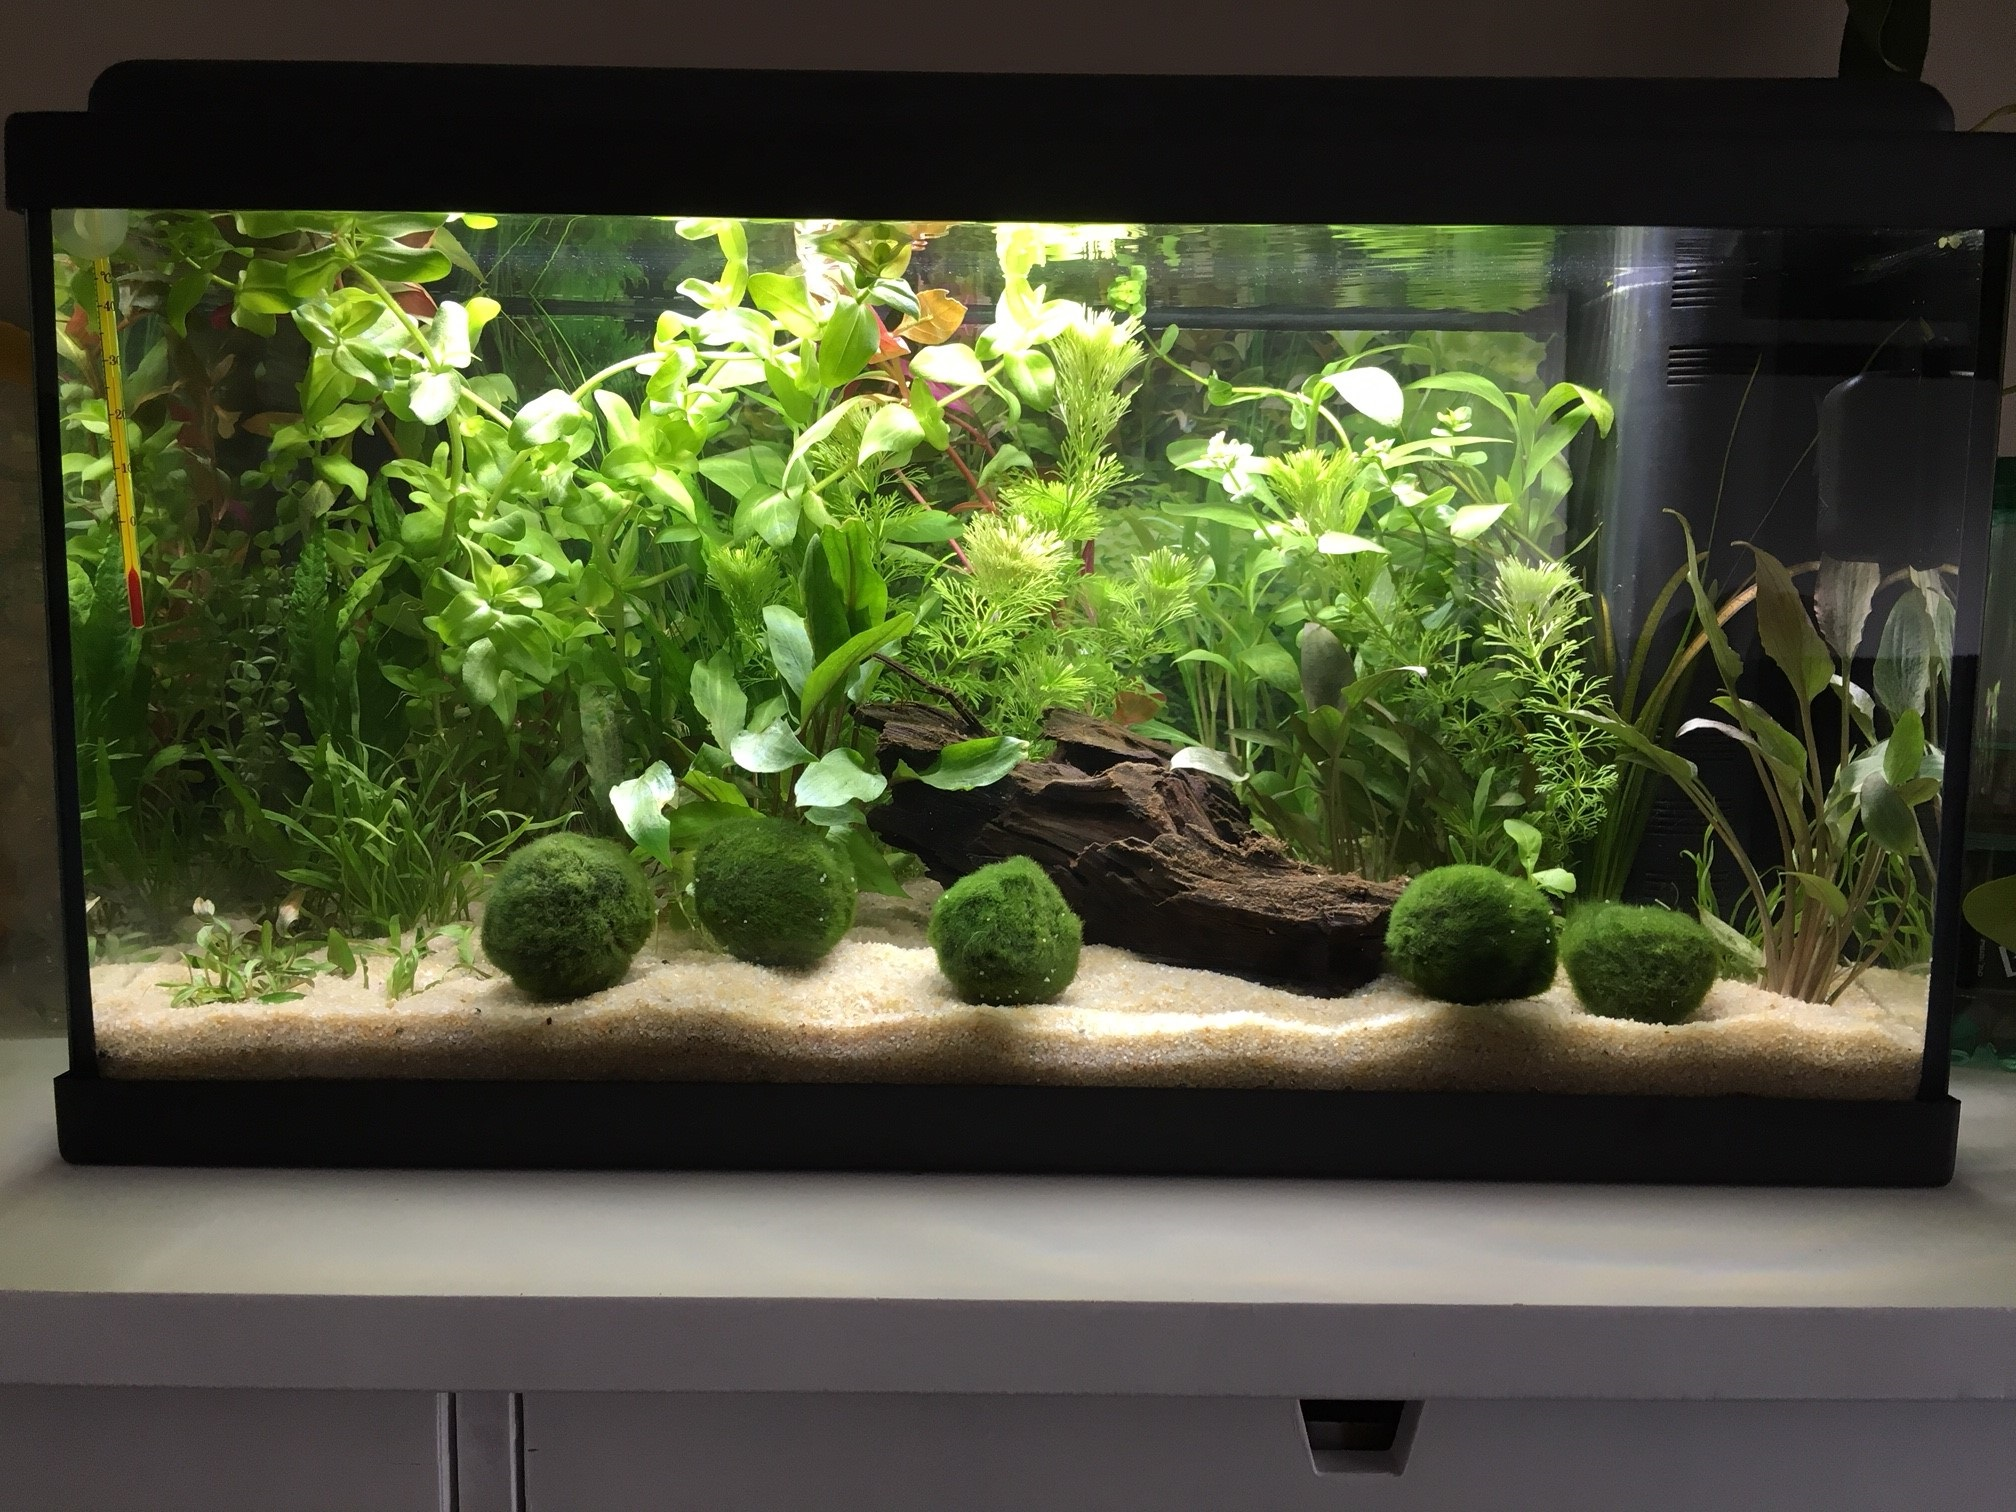 Mon premier aquarium : 60L planté - présentation. Photo_11